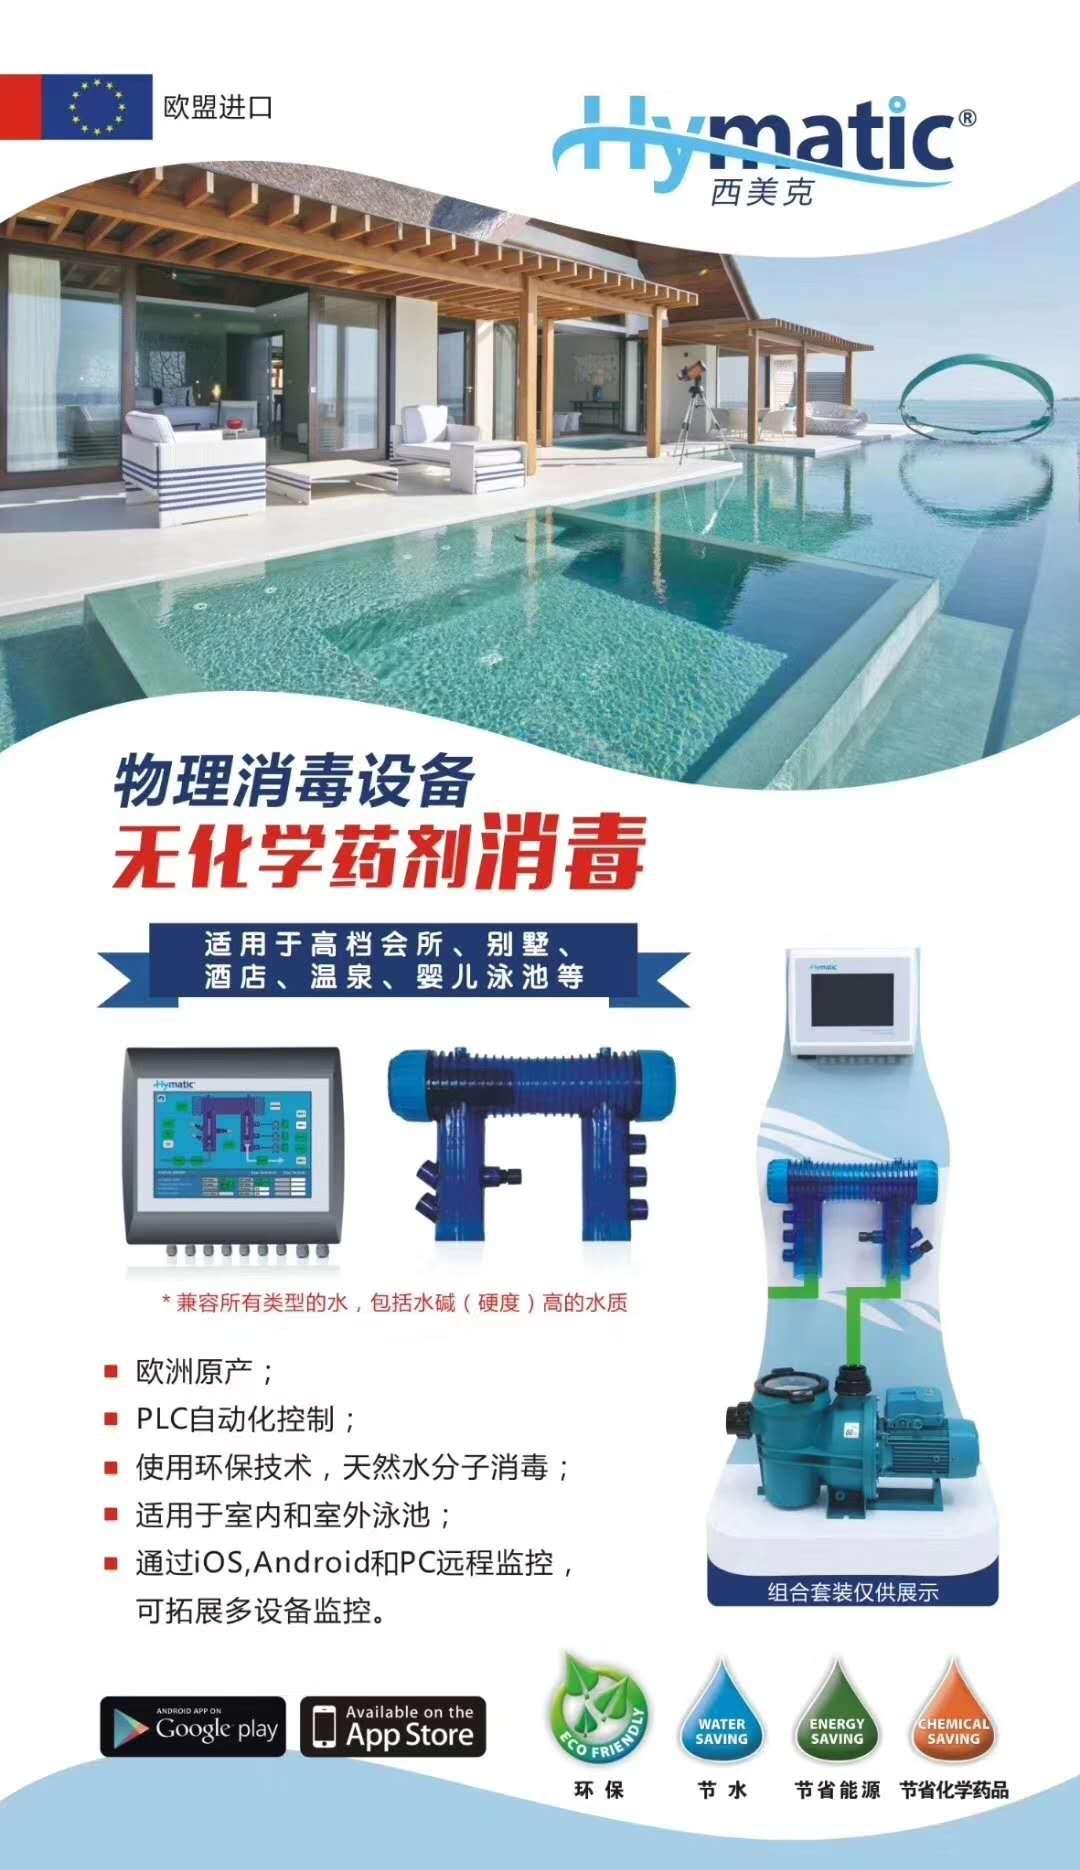 泳池水杀菌消毒设备 西美克 物理消毒器 泳池无化学药剂消毒